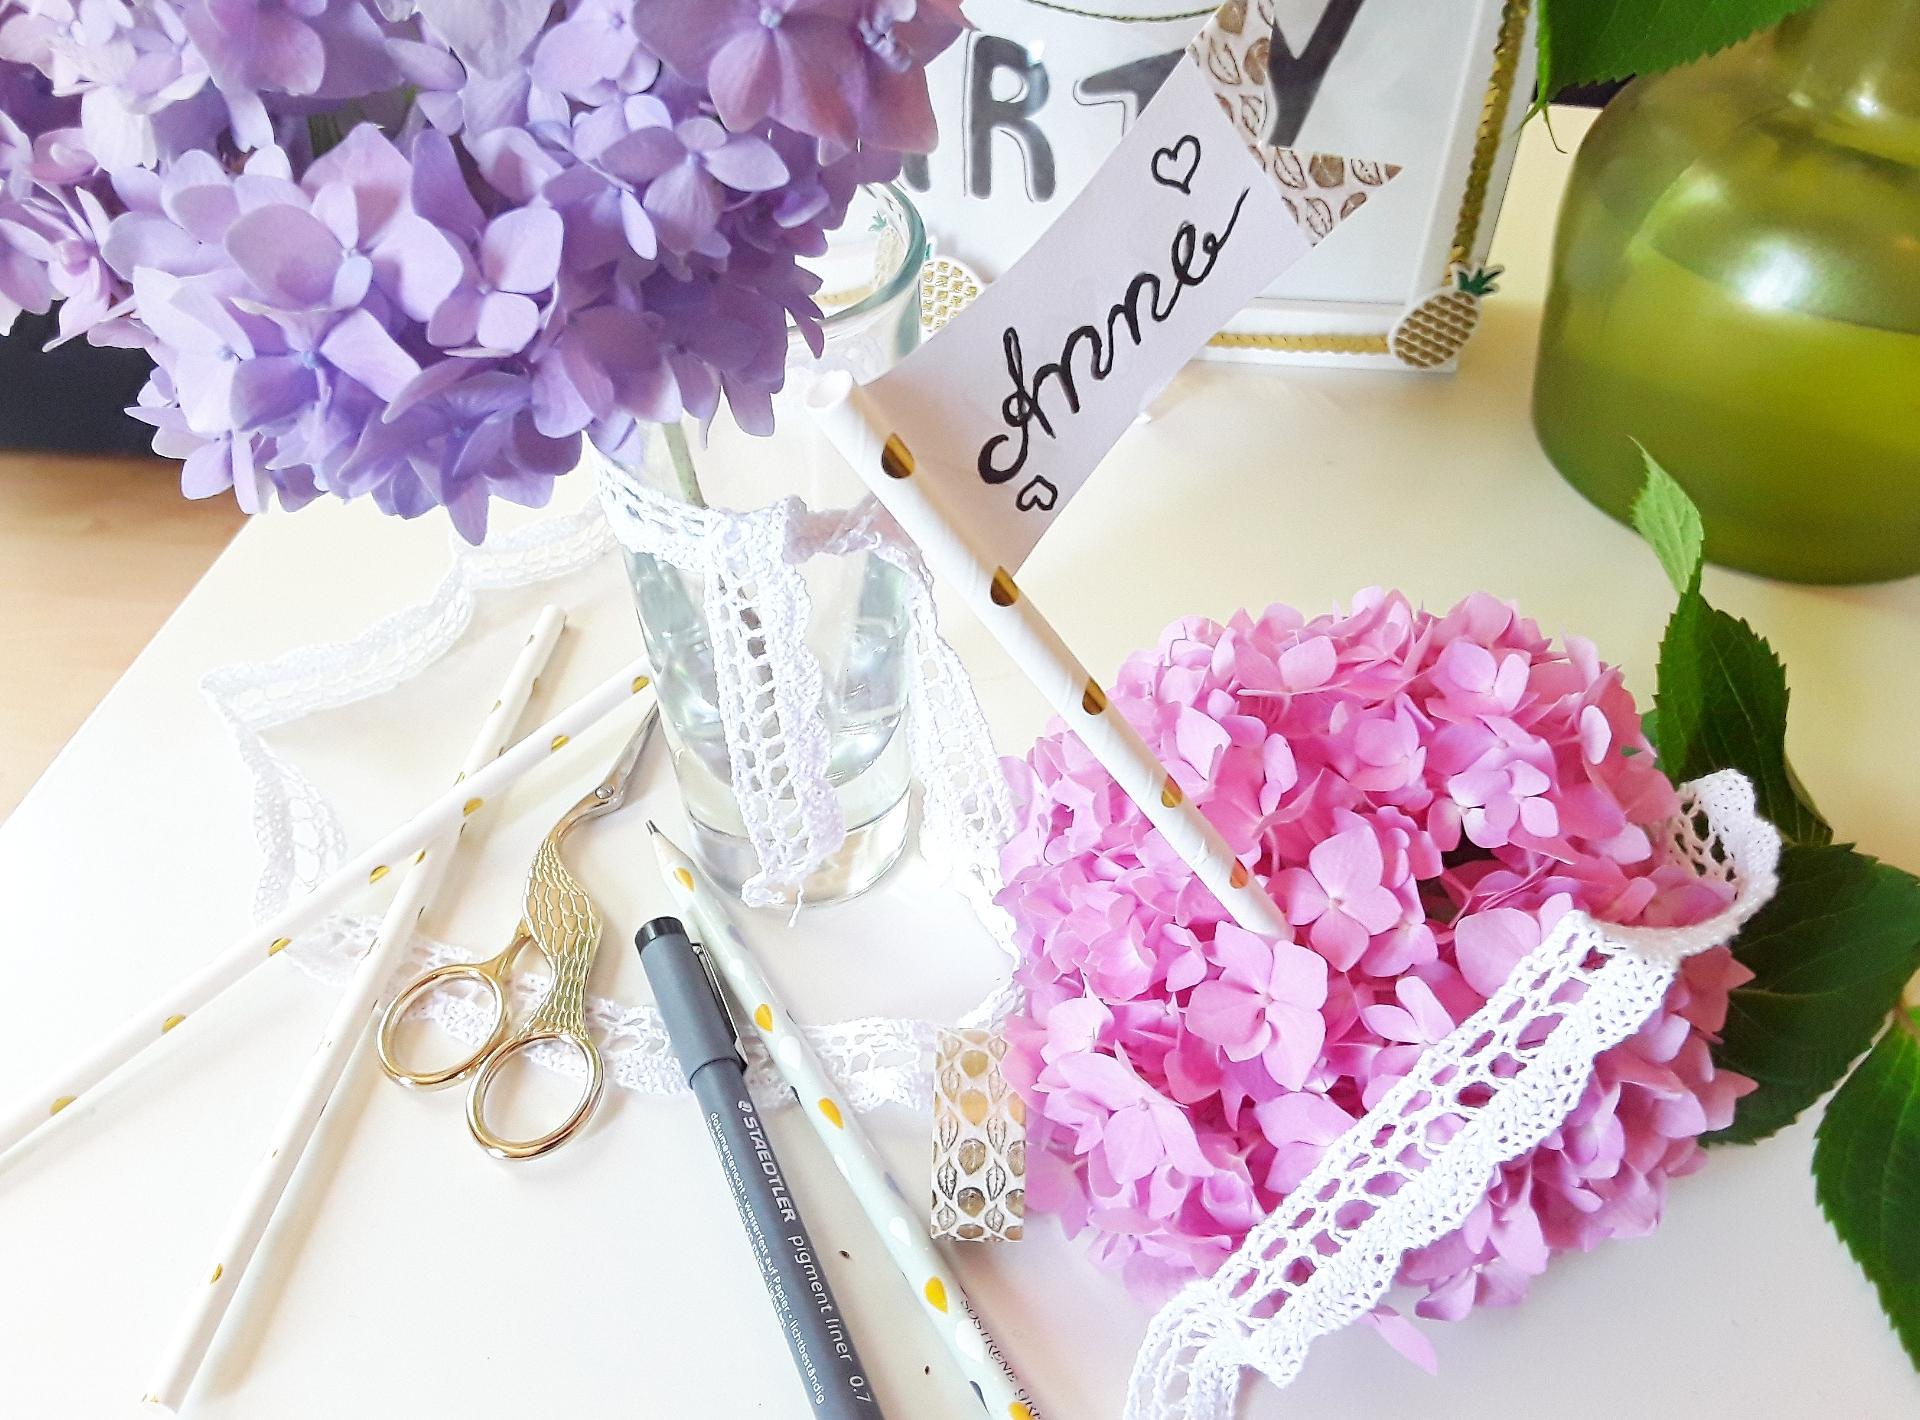 Tischdekoration selber machen für Hochzeit, Geburtstag, Taufe